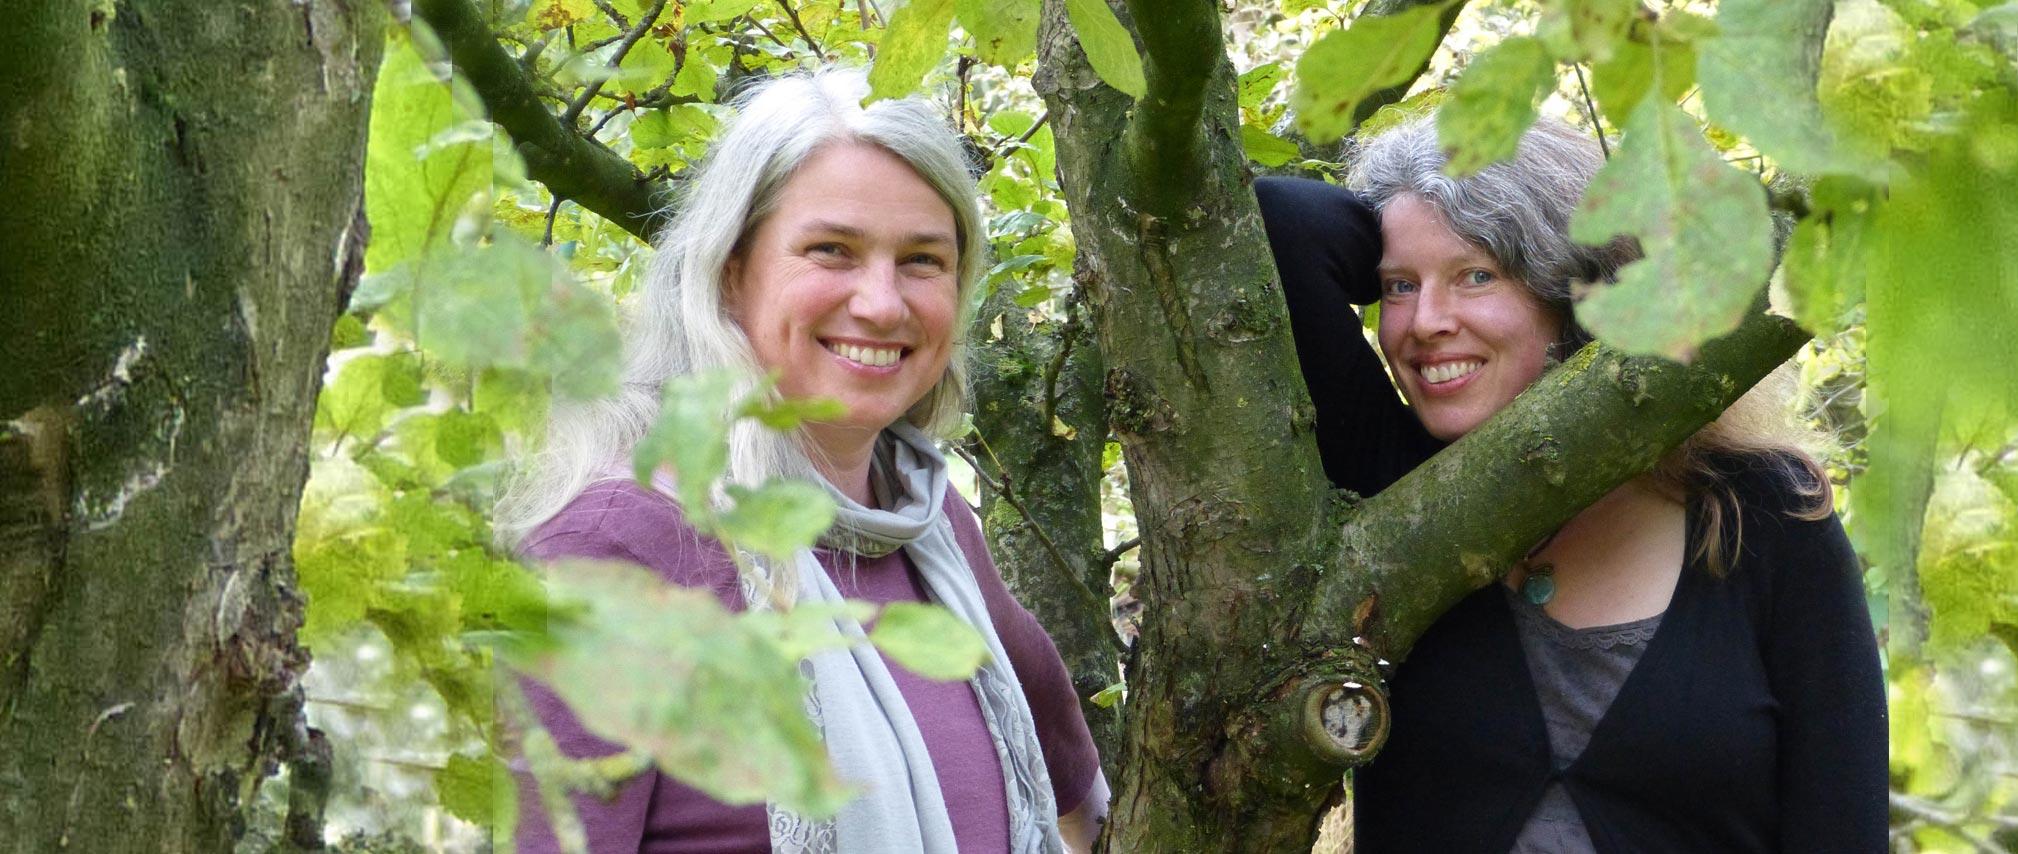 Duo PiaCello Angelika Bönisch und Dorit Kohne Oldenburg